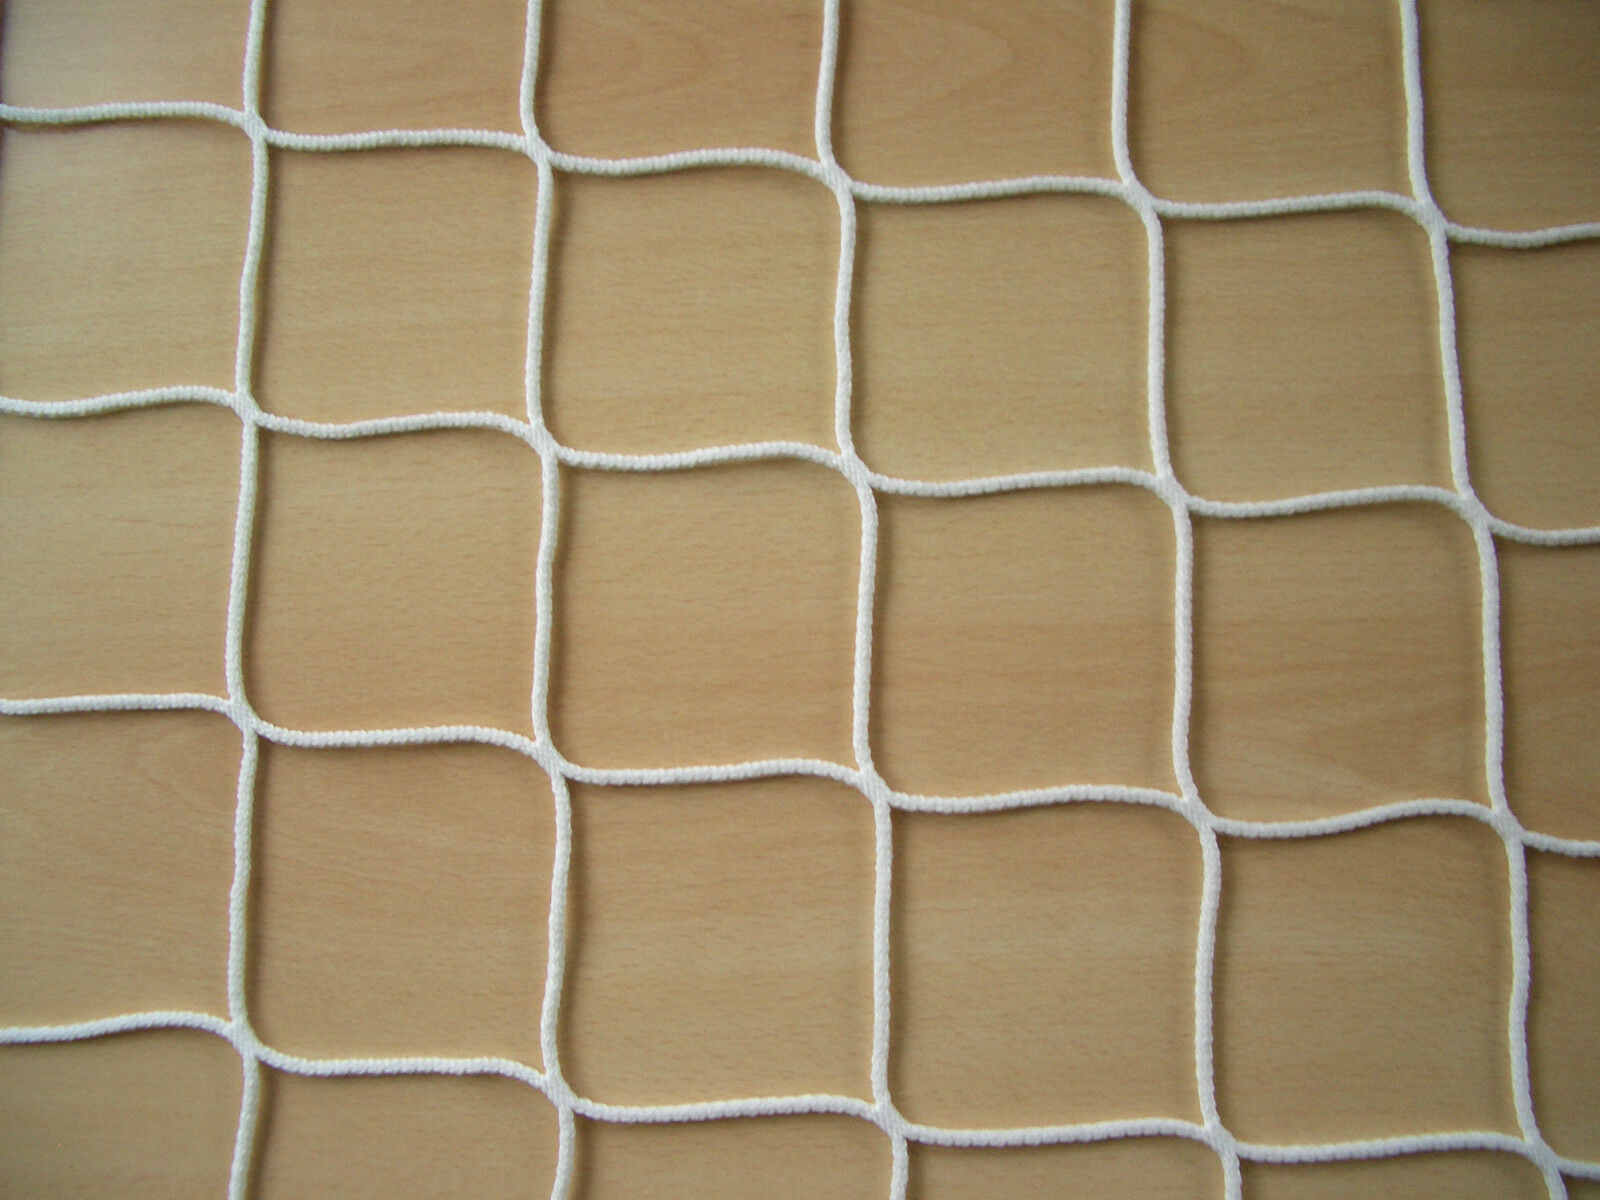 Jugendfußballtornetz, Jugendtornetz, Tornetz Jugendtor 5x2m (80/150), 4mm, weiß